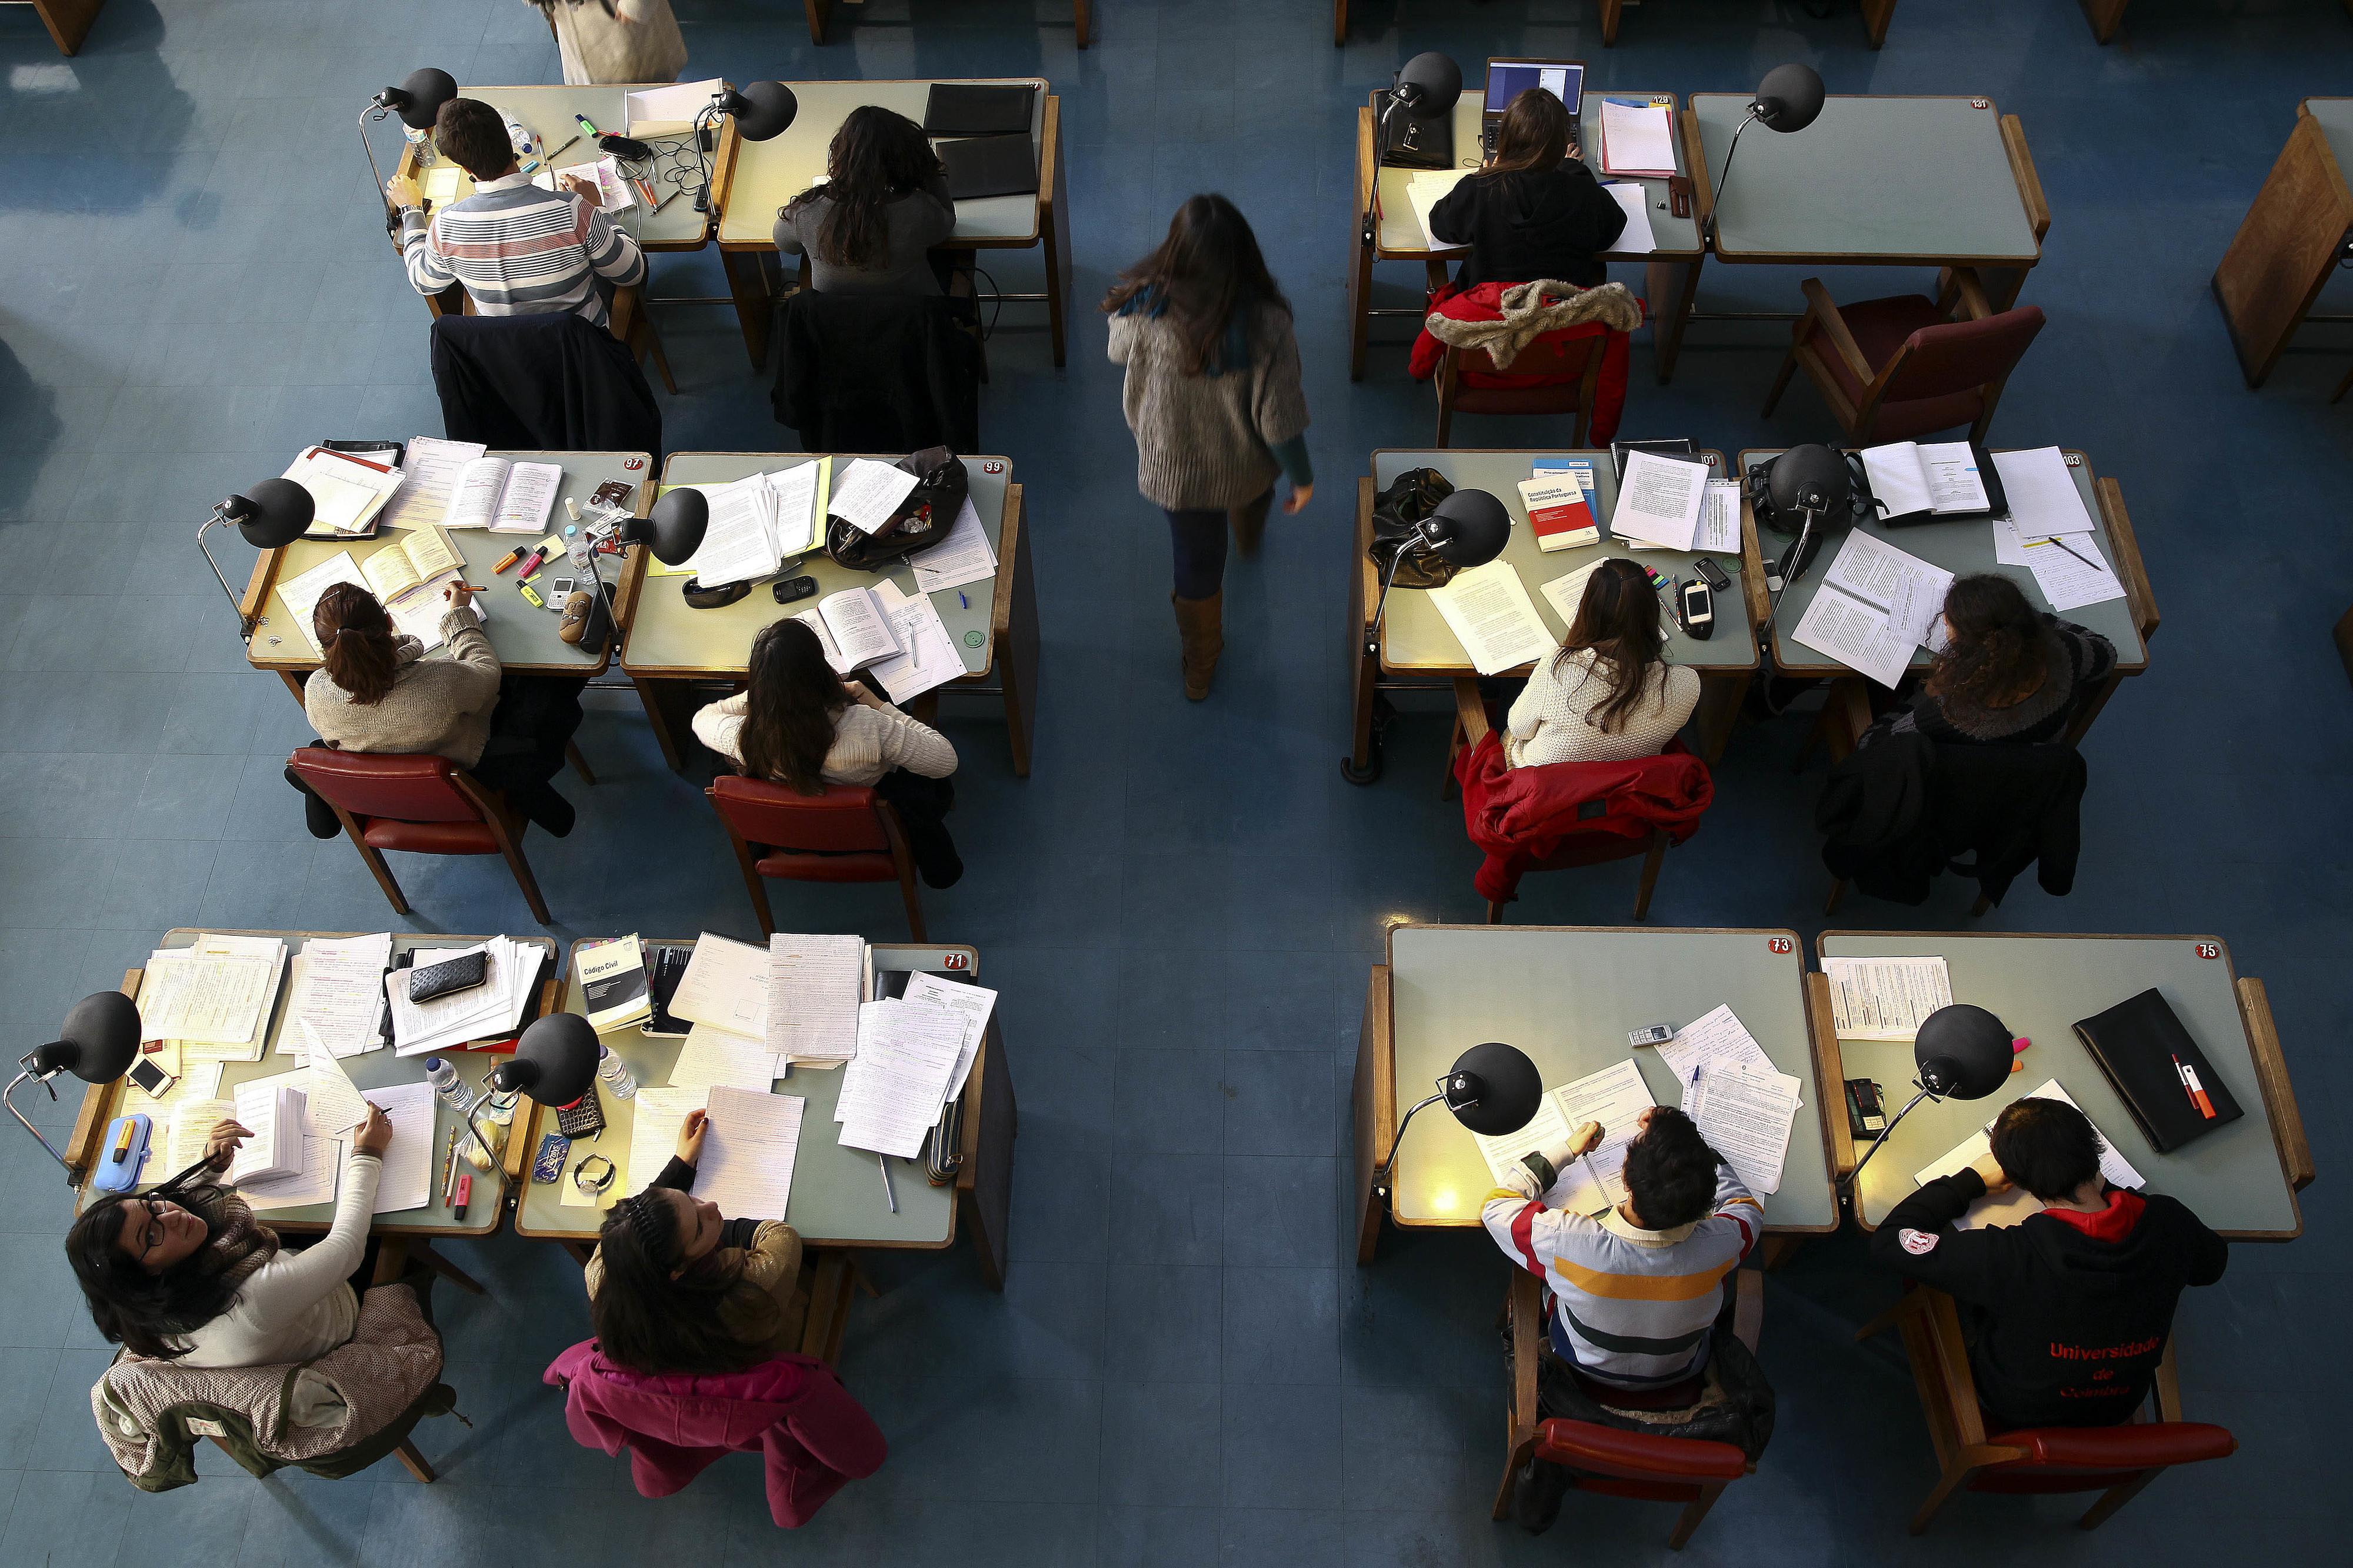 Concurso de acesso ao Ensino Superior arranca hoje com total de vagas quase igual